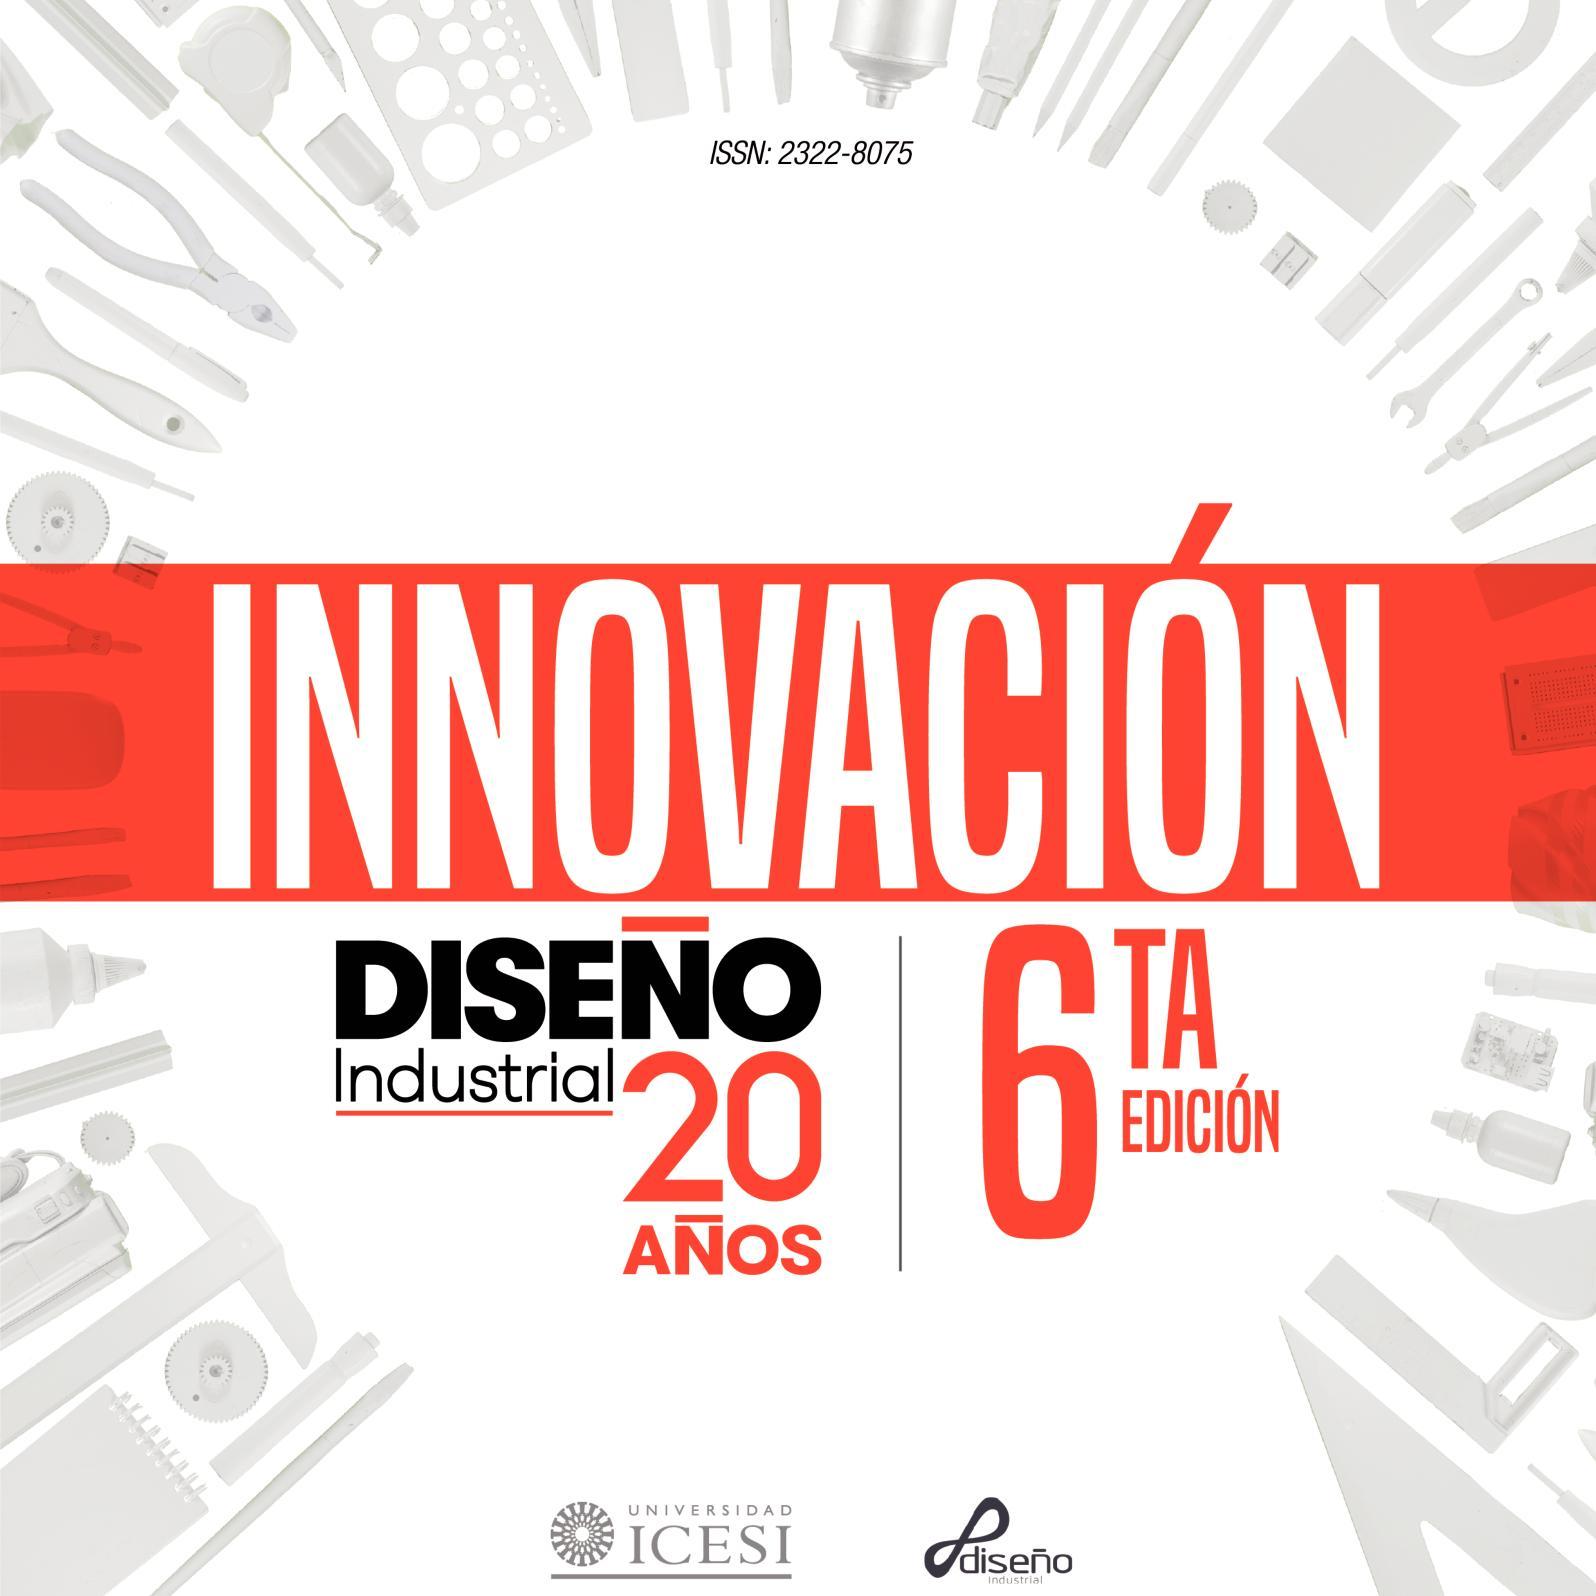 Revista Innovación - 6ta edición